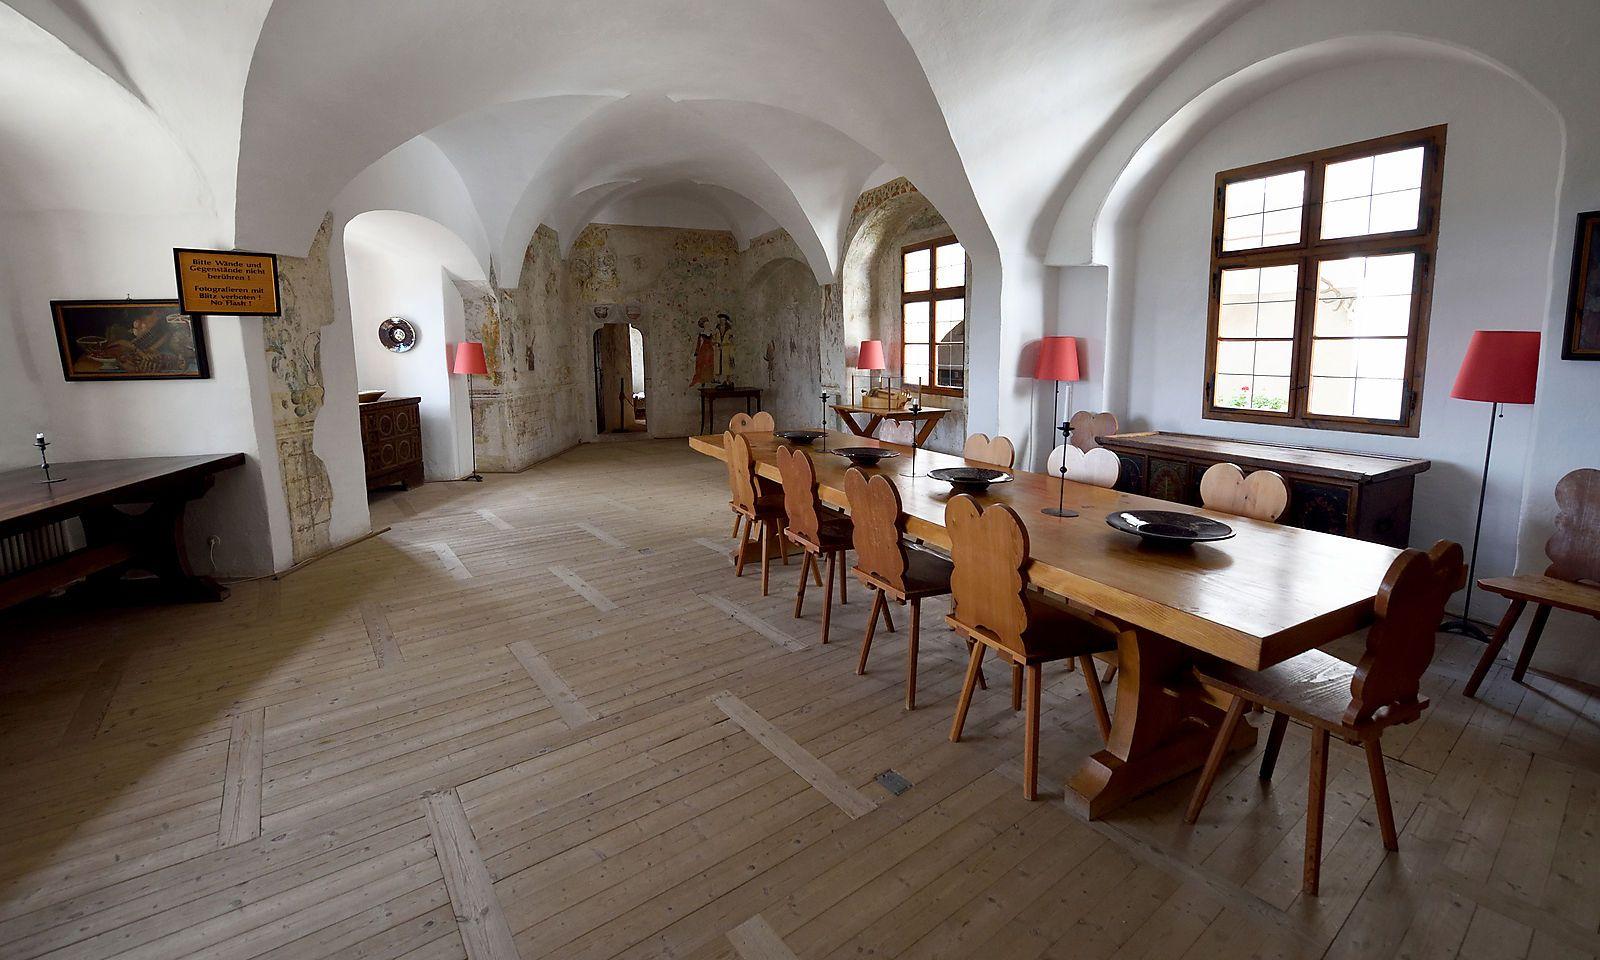 Einer der einst bewohnten Räume.